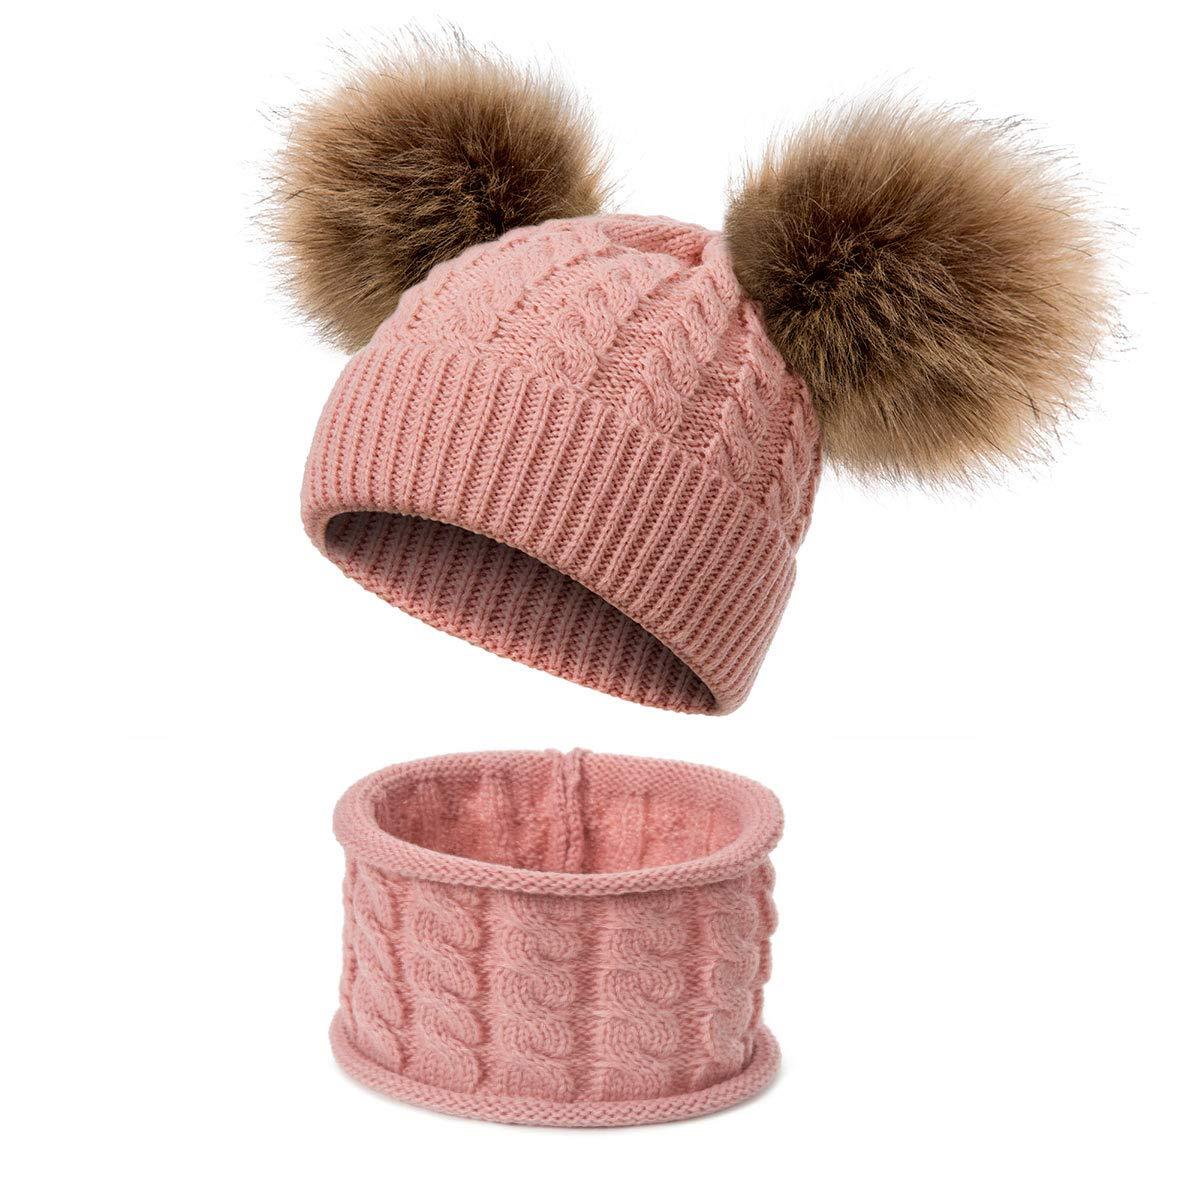 Sharlife Plusieurs couleurs unisexe enfants hiver chapeau hiver /écharpe bonnet enfants tricot/és chapeau bonnet chapeau pour les enfants